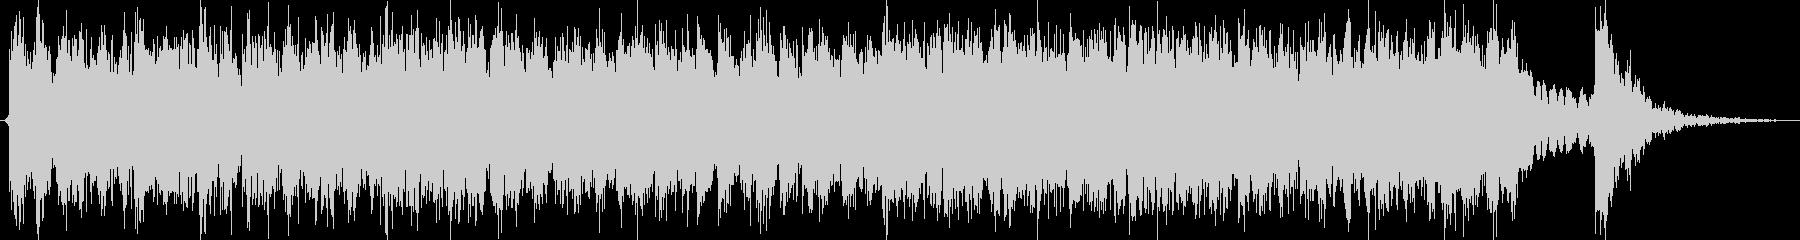 太鼓が激しい約三十秒の和風曲の未再生の波形